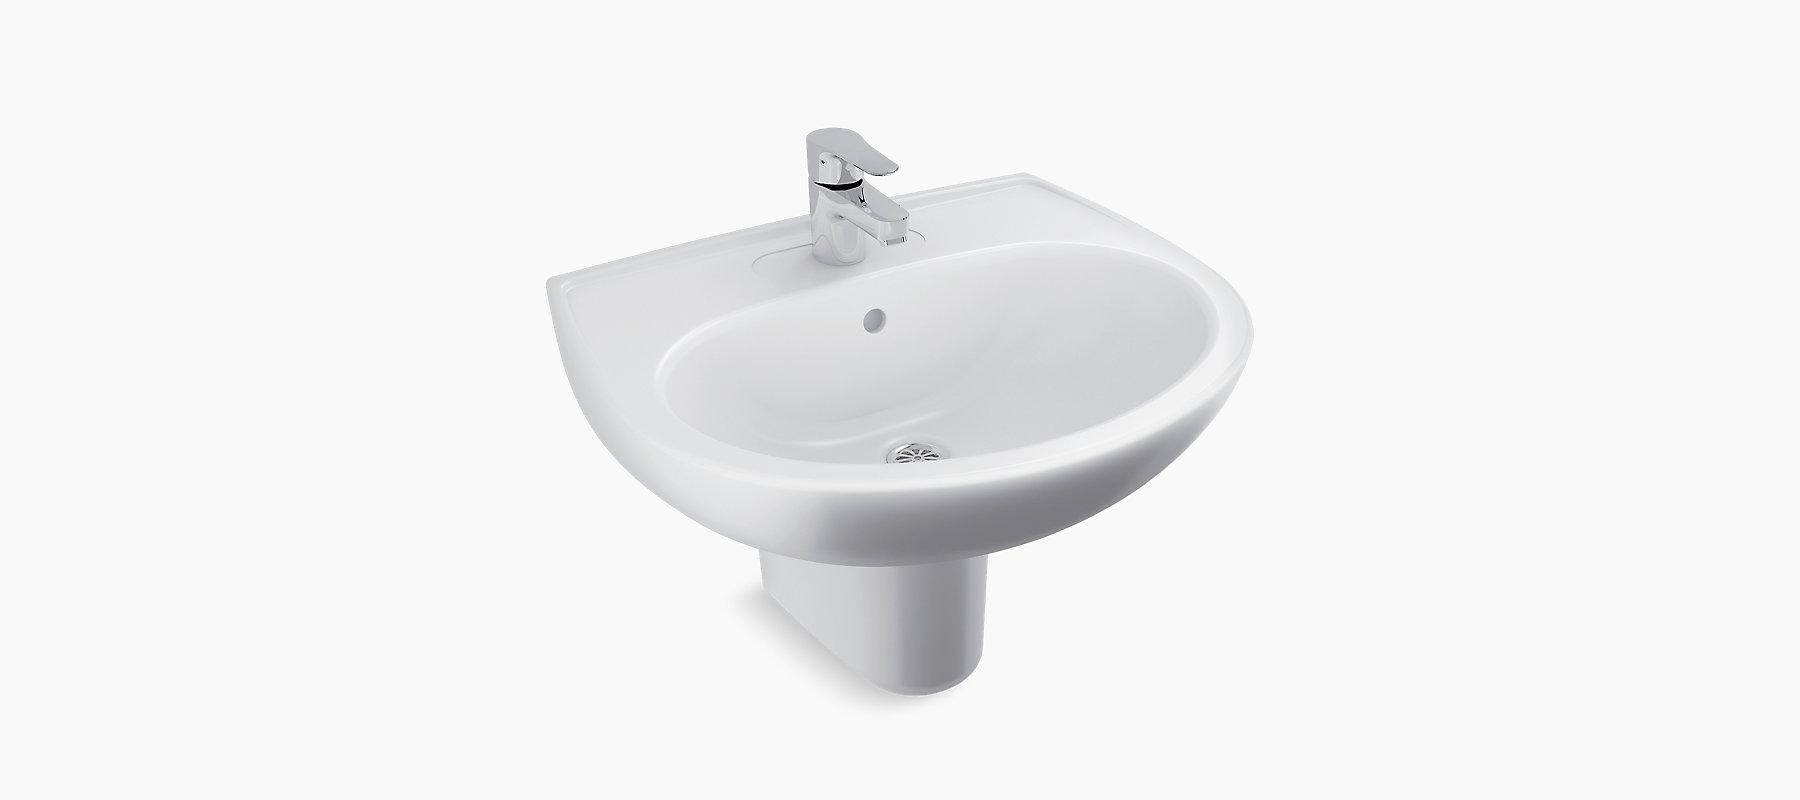 Brive Half Pedestal Lavatory With Single Faucet Hole K